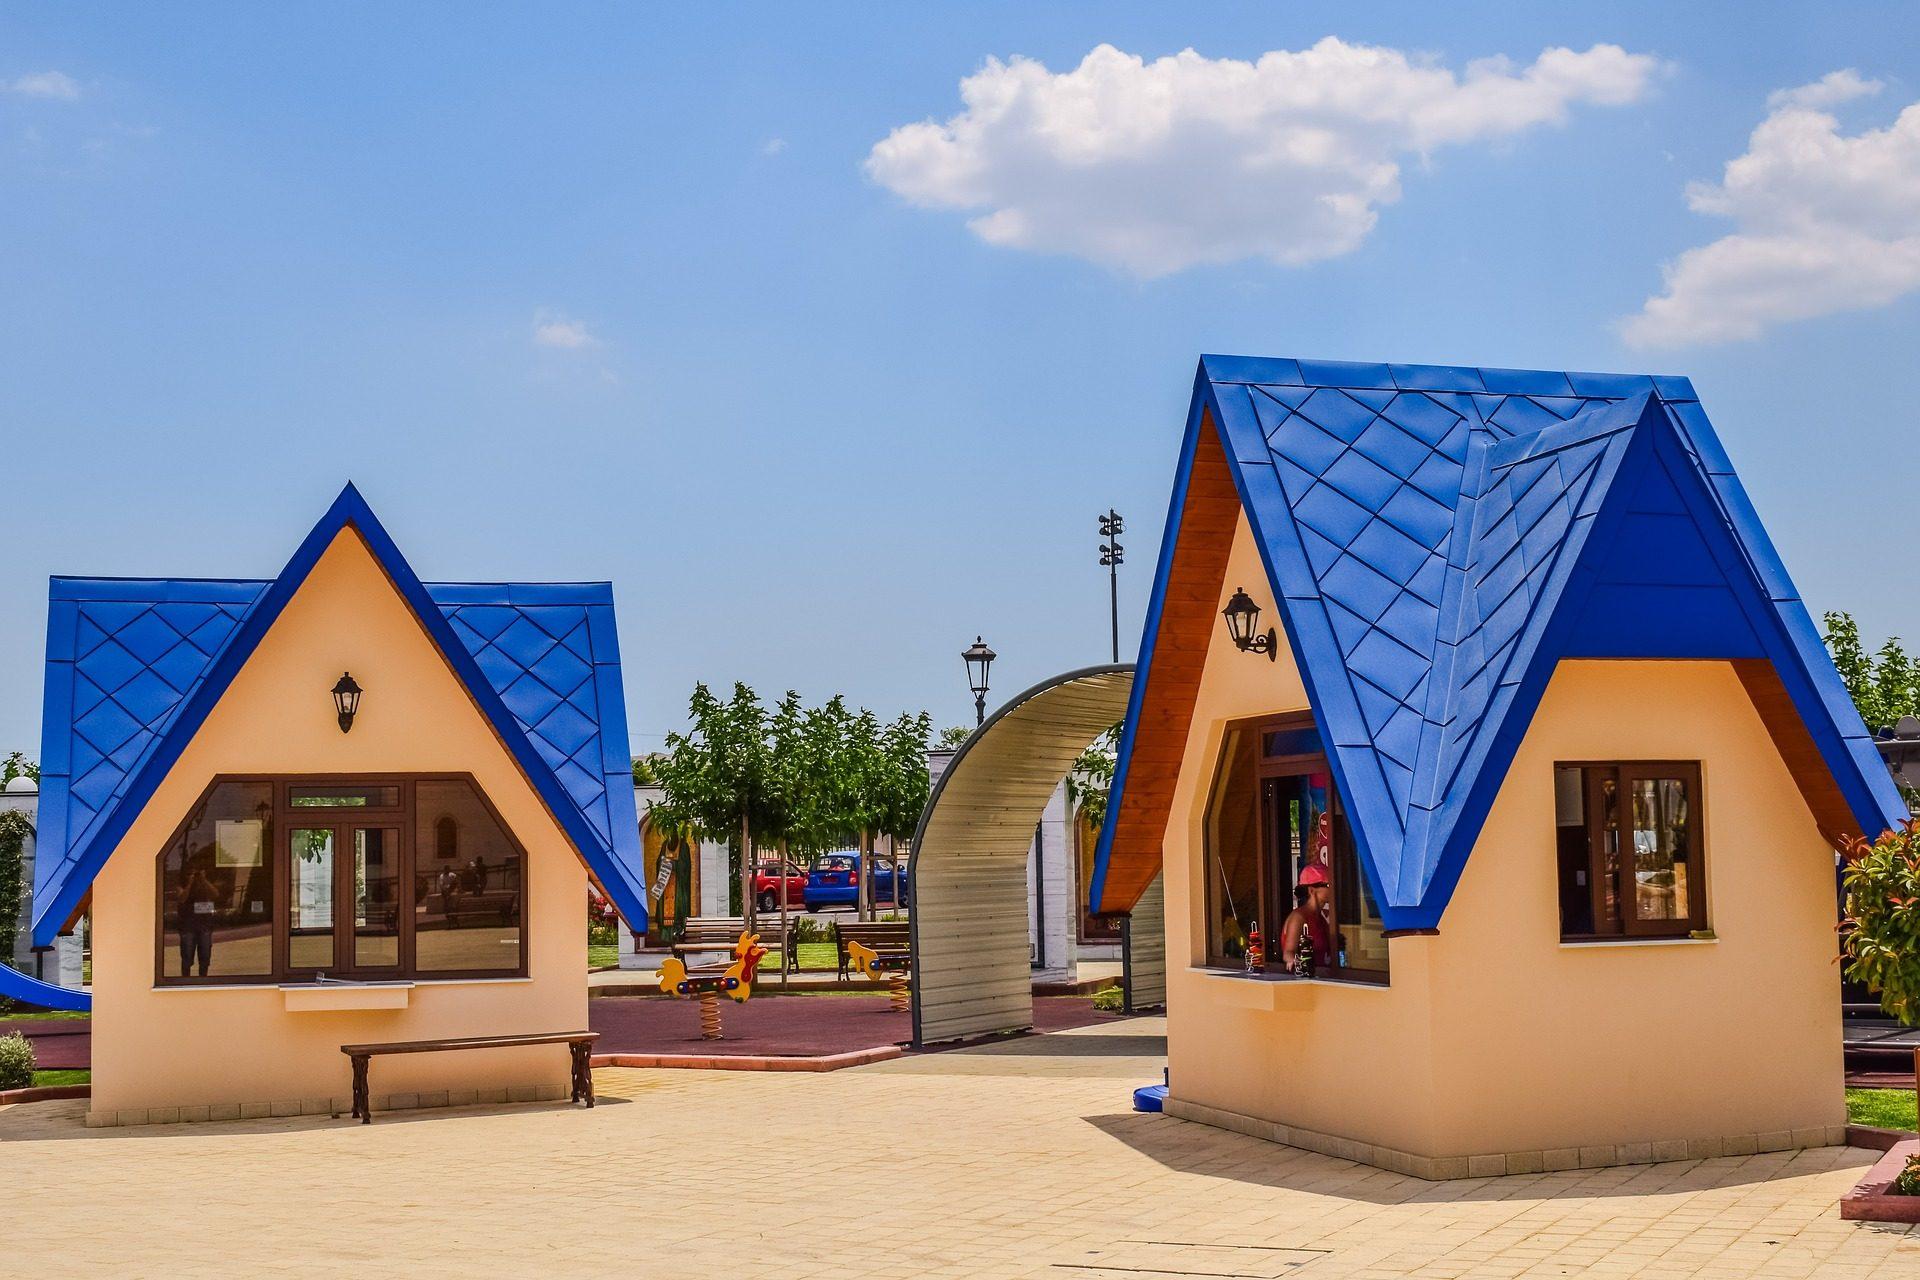 房屋, 亭, 公园, 儿童, 屋顶 - 高清壁纸 - 教授-falken.com